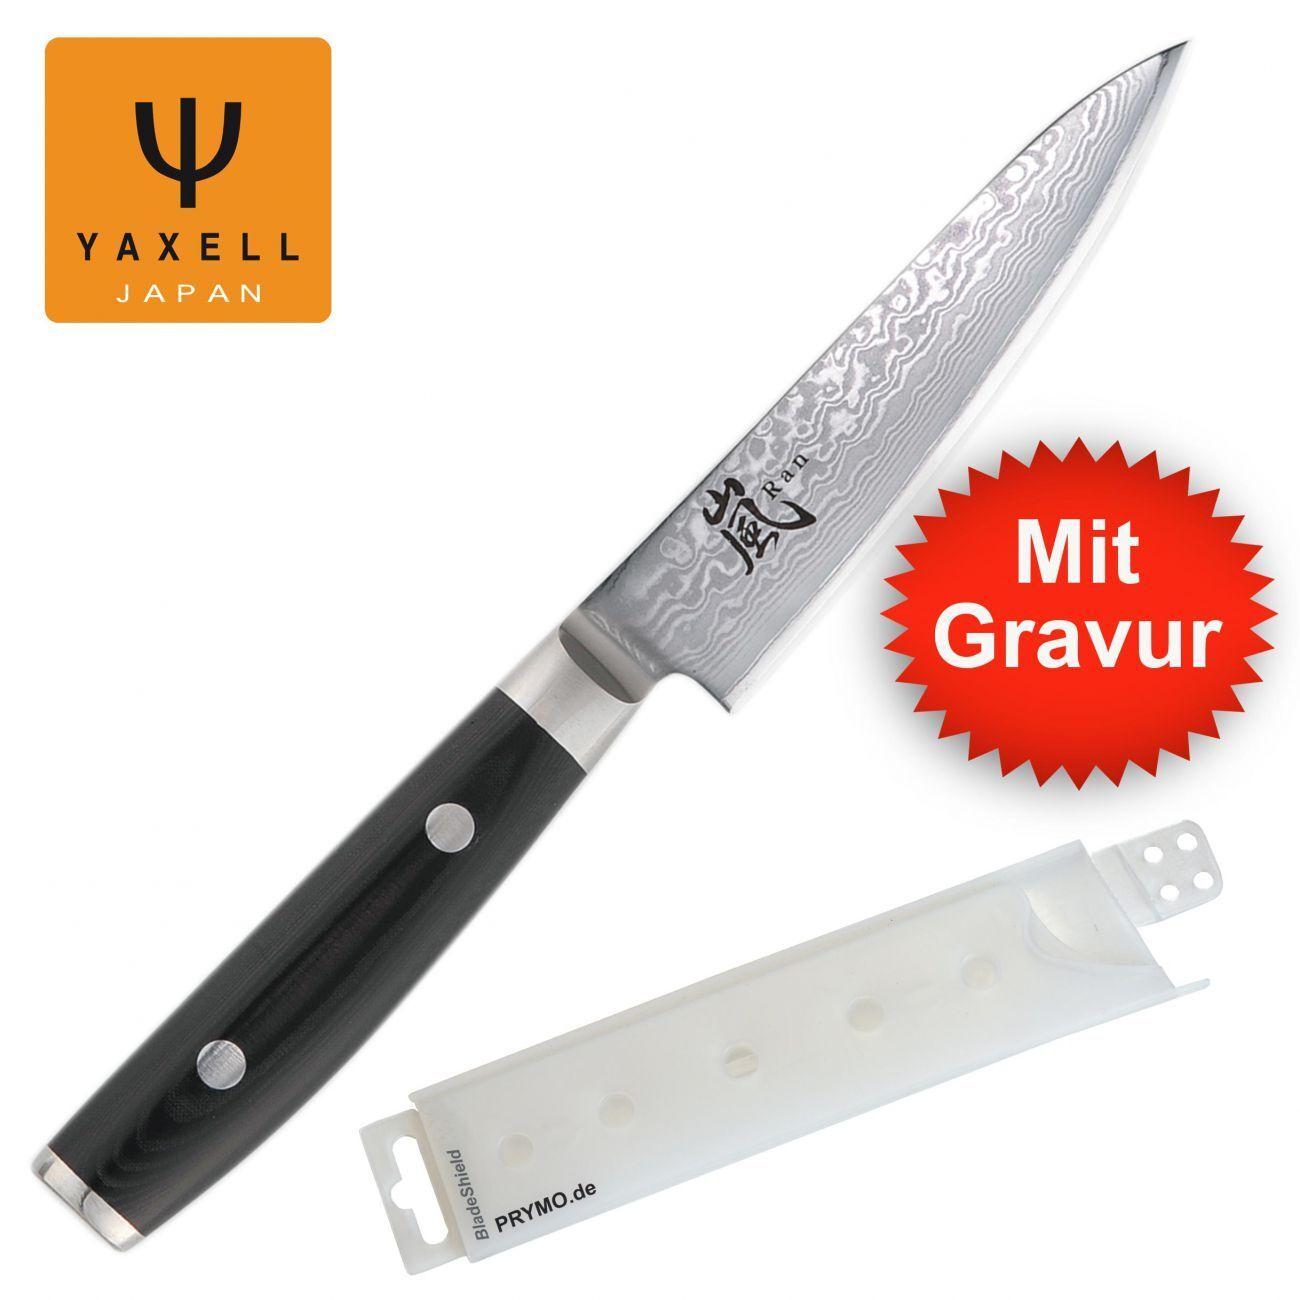 Mit Gravur - Yaxell RAN 69 Universalmesser 12 cm + PRYMO ® Klingenschutz